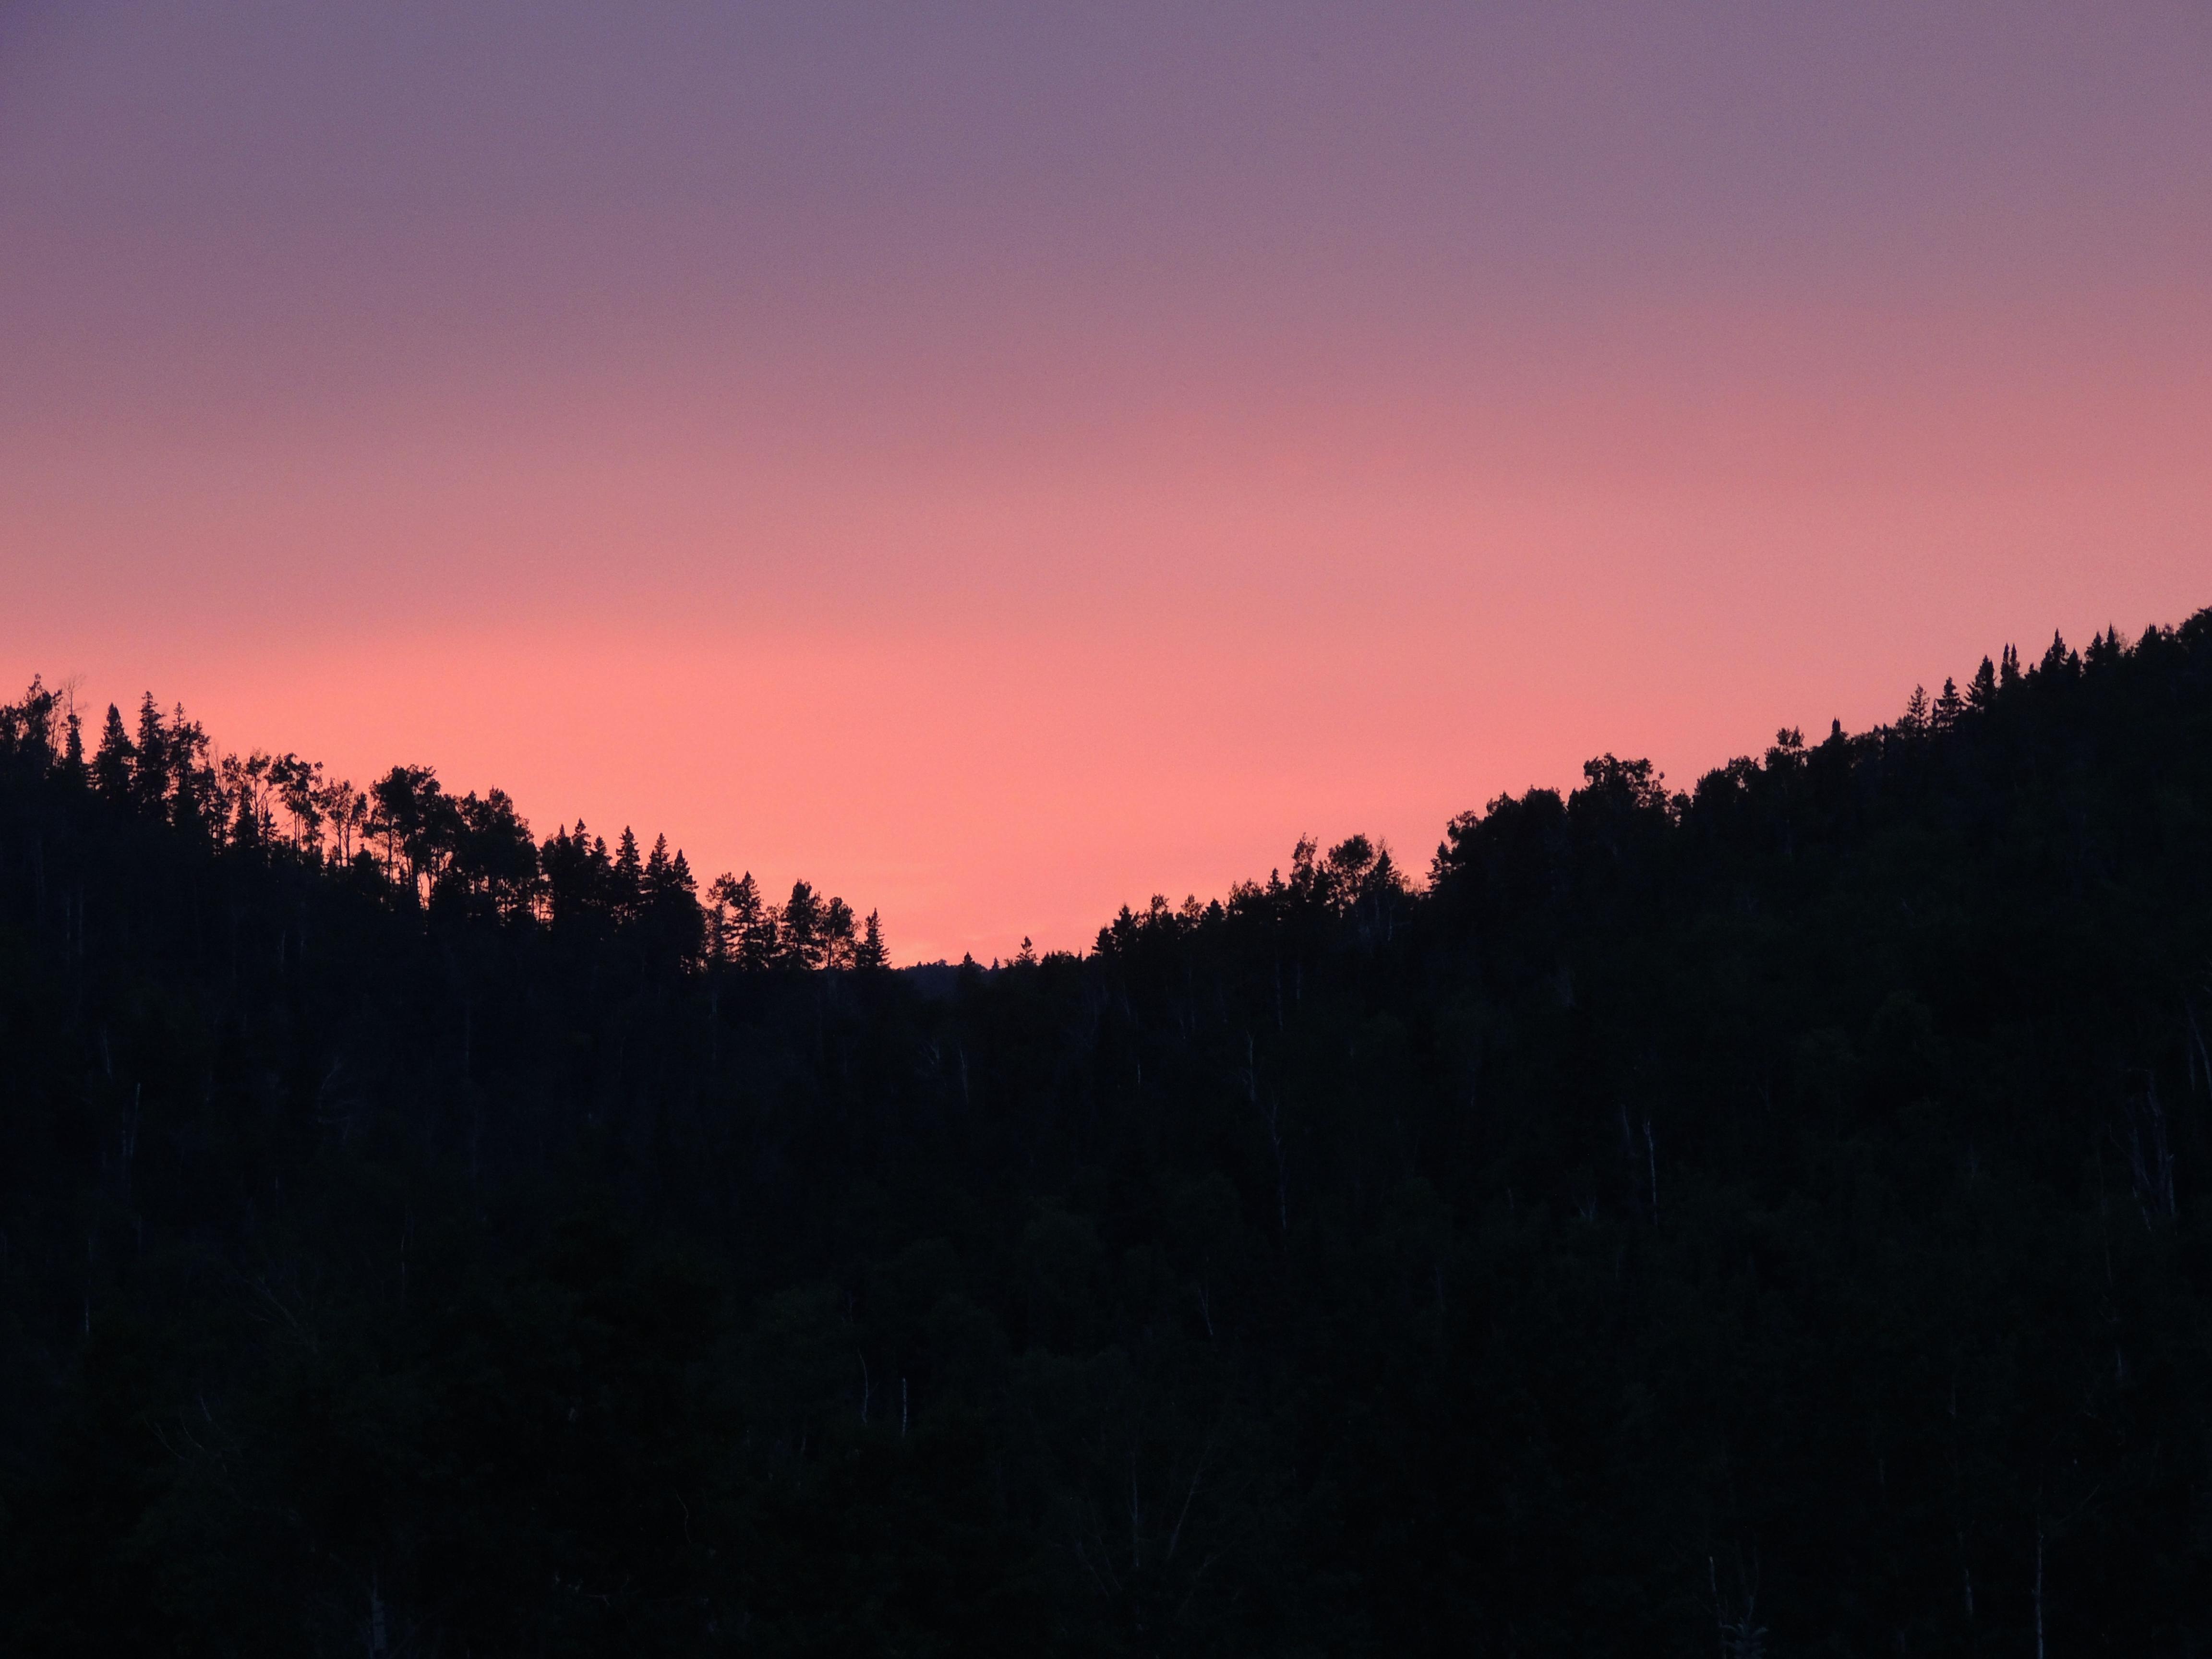 Increíble Atardecer rosado - 4608x3456